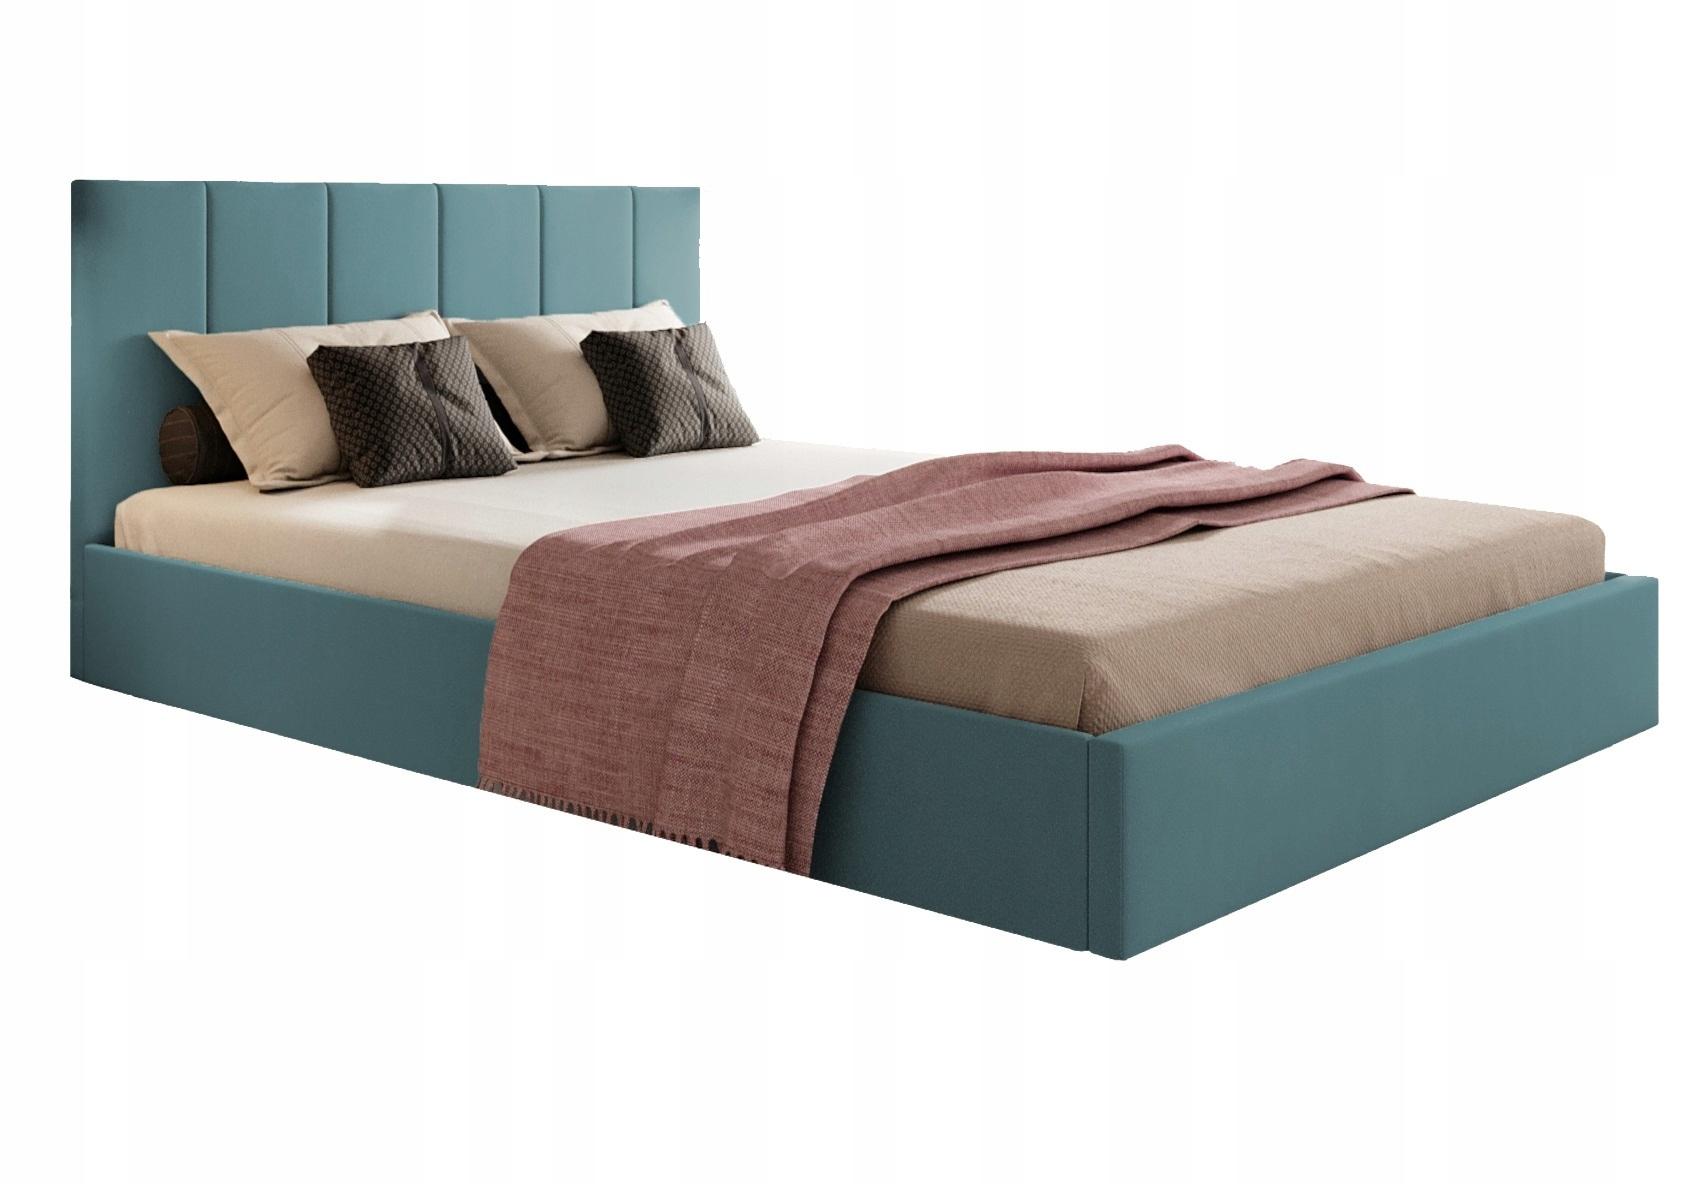 Кровать мягкая 140х200 с ящиком и каркасом